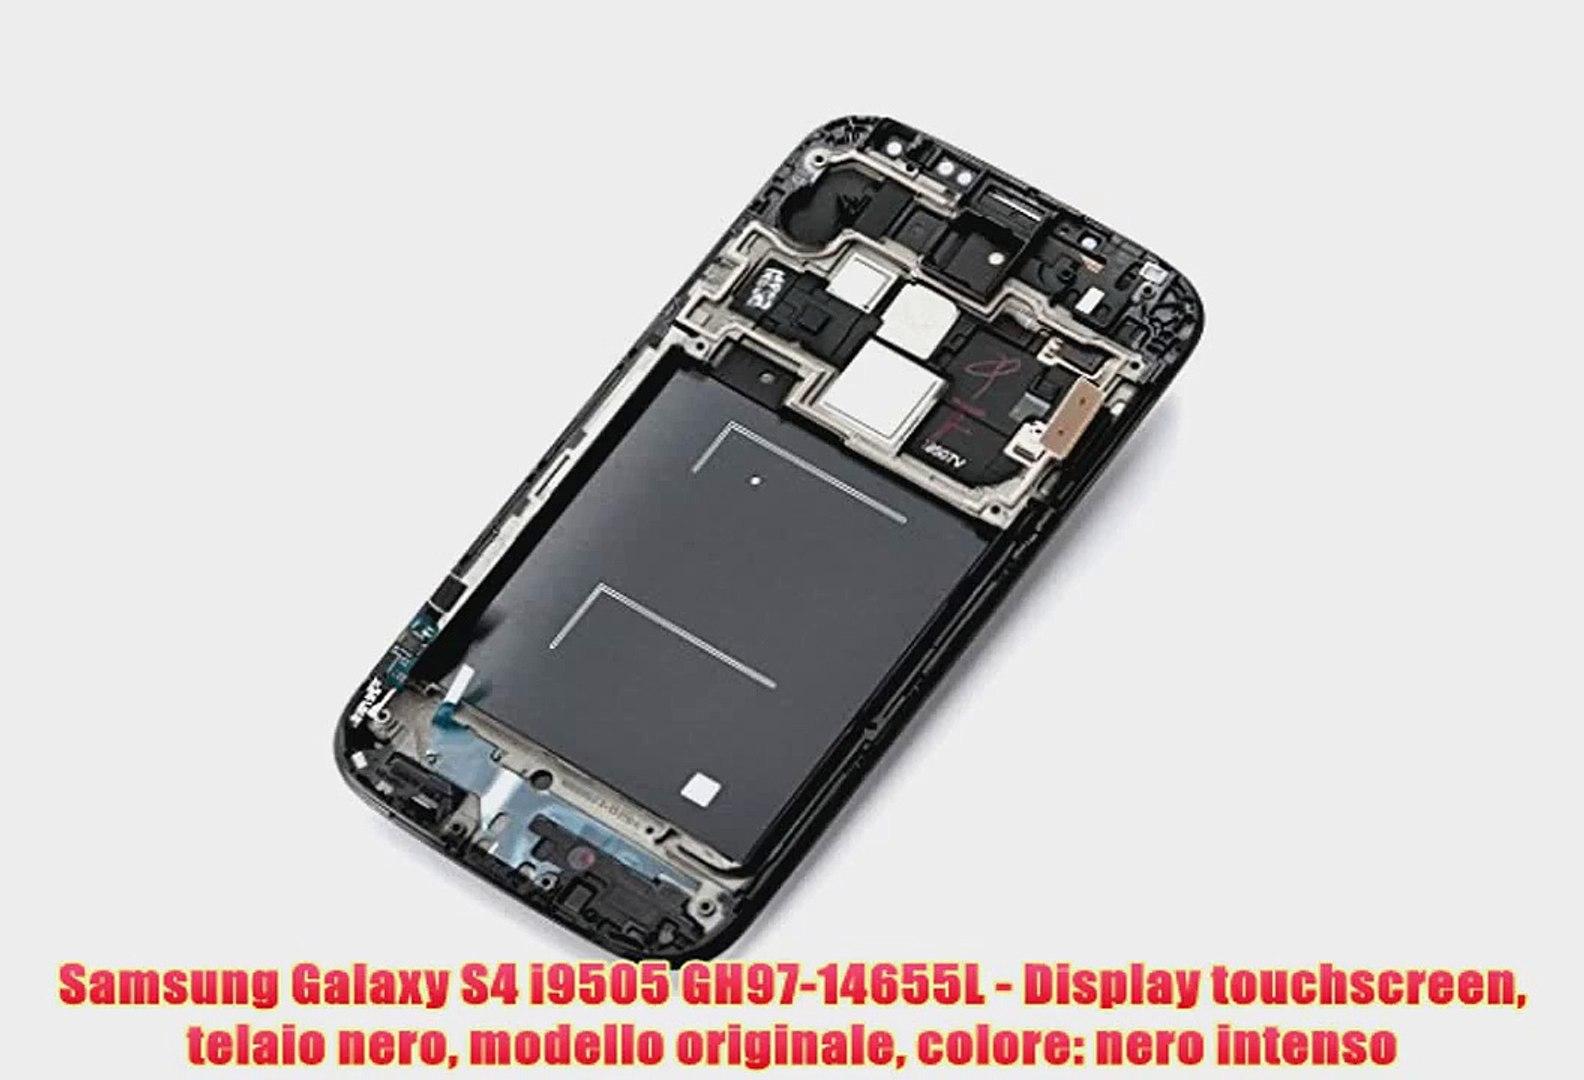 Samsung Galaxy S4 i9505 GH97-14655L - Display touchscreen telaio nero modello originale colore: nero